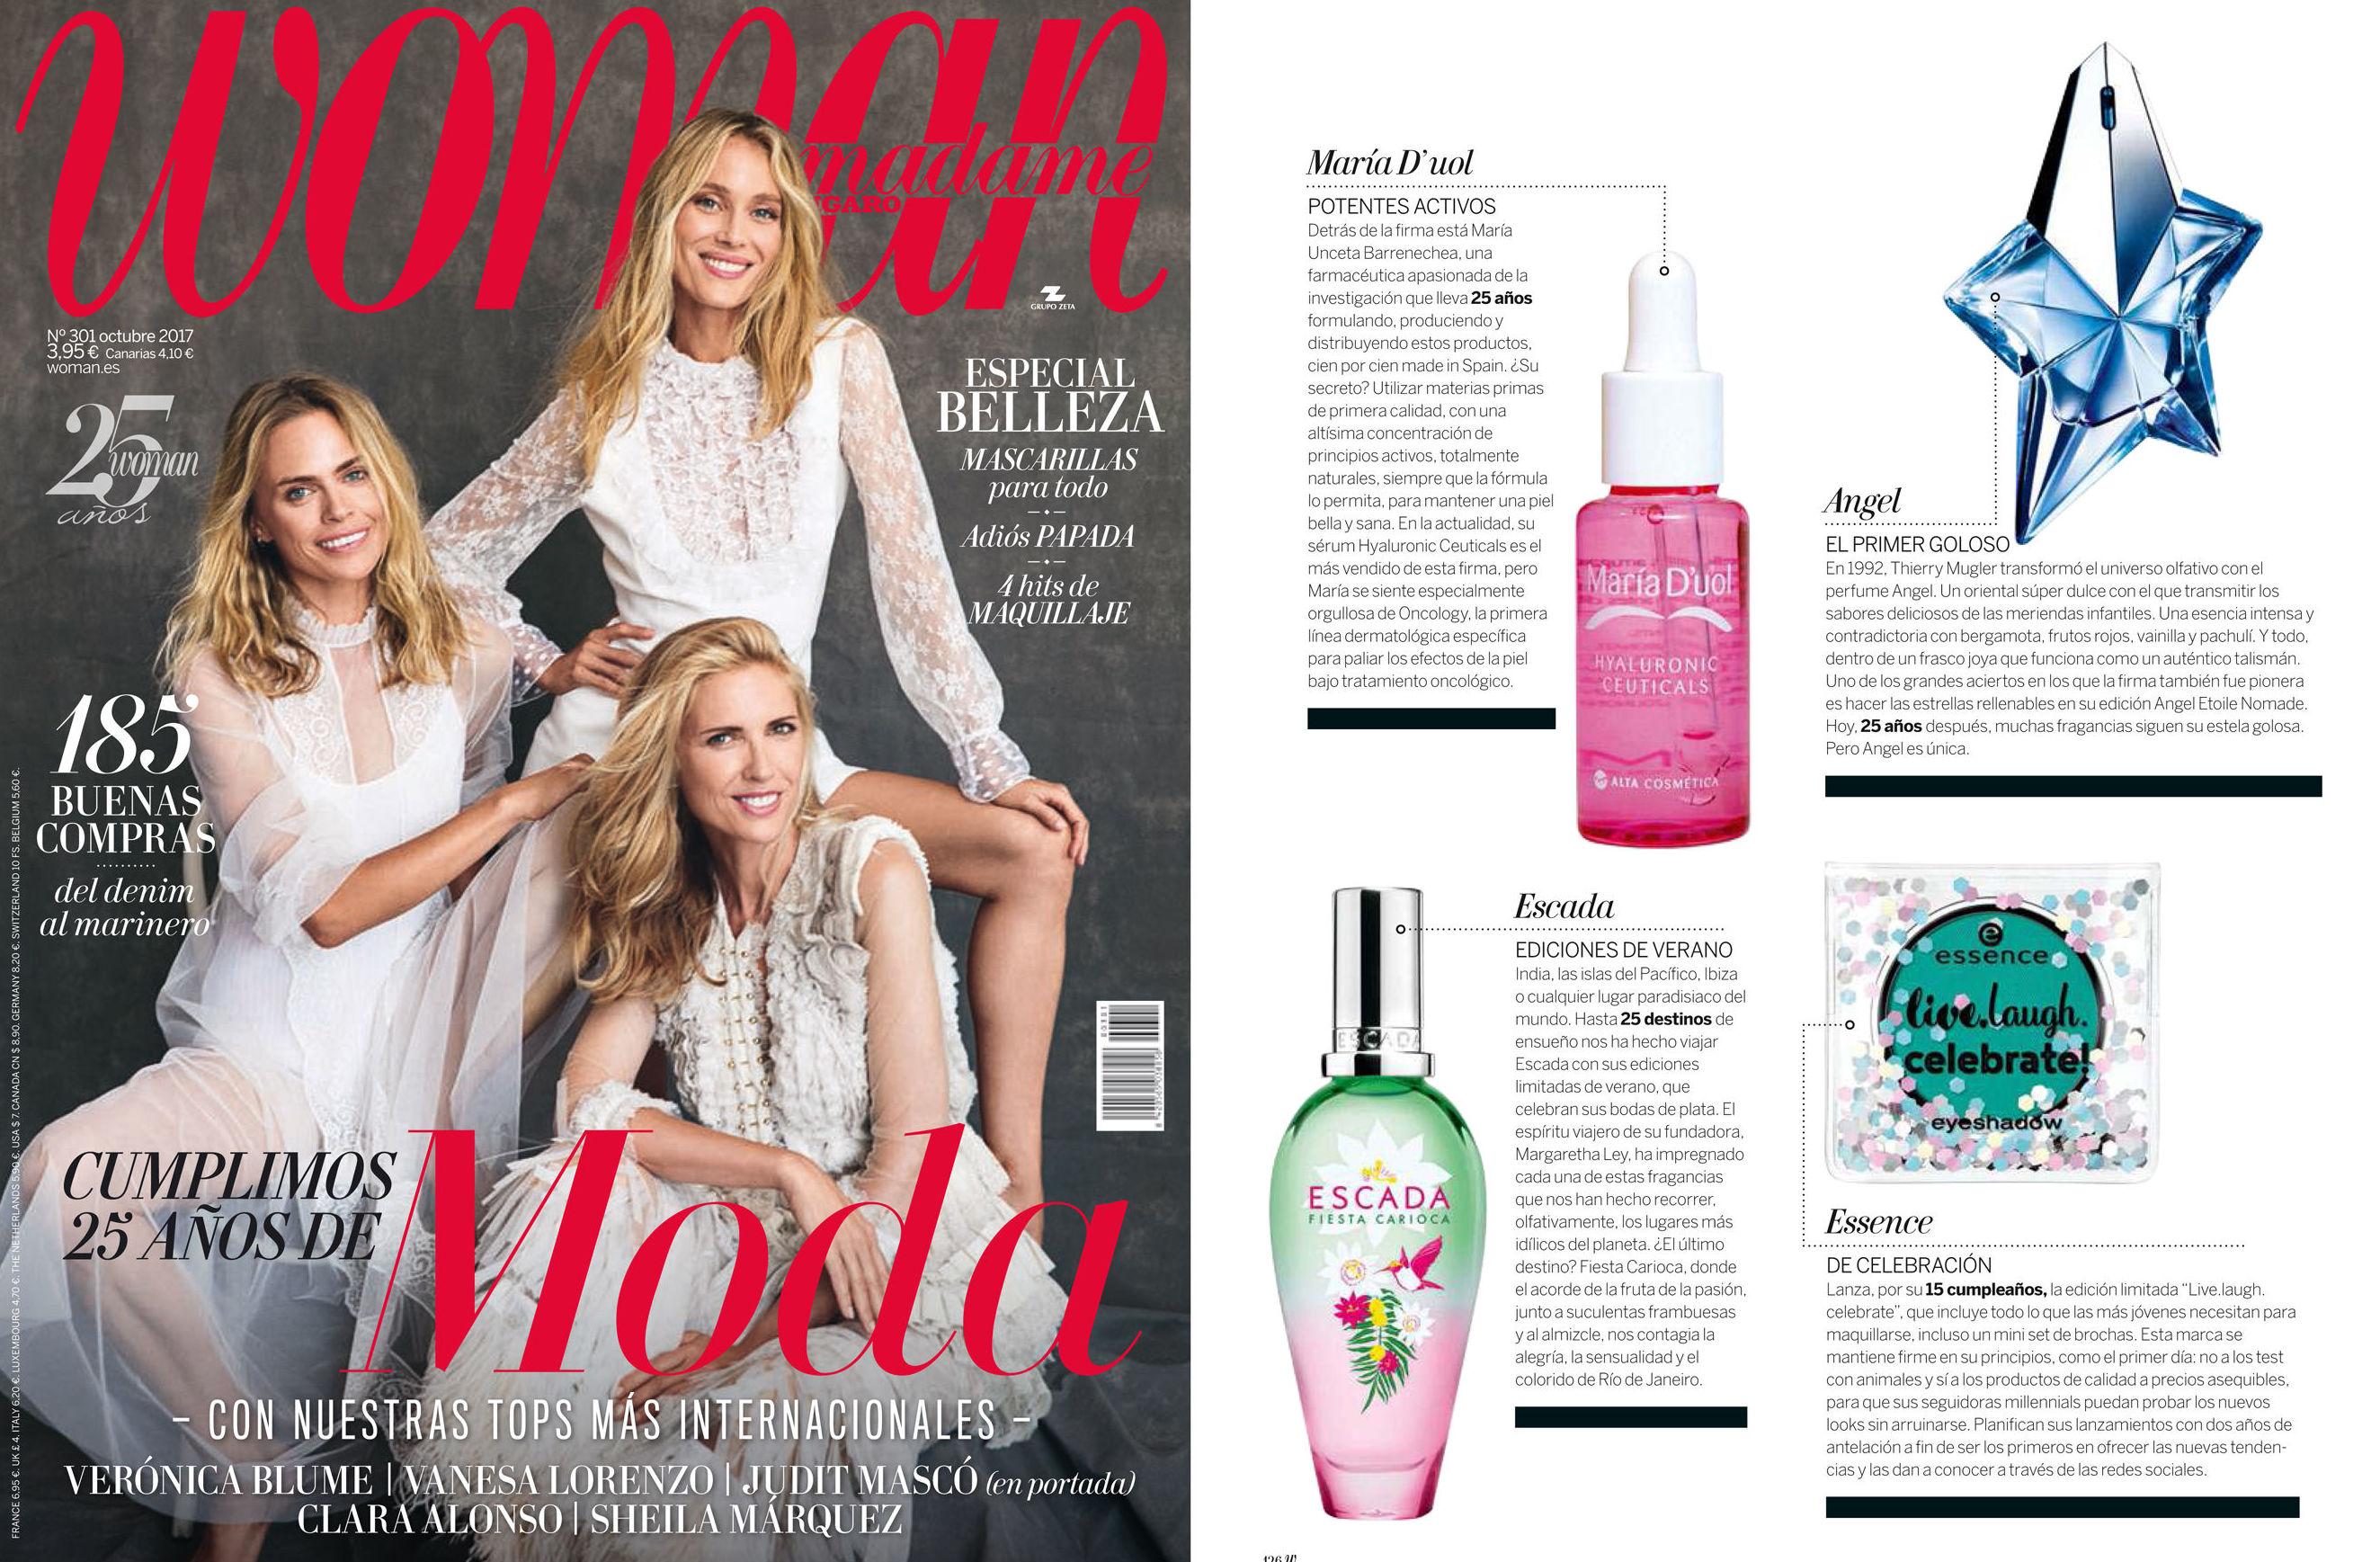 La revista WOMAN recomienda nuestro producto.